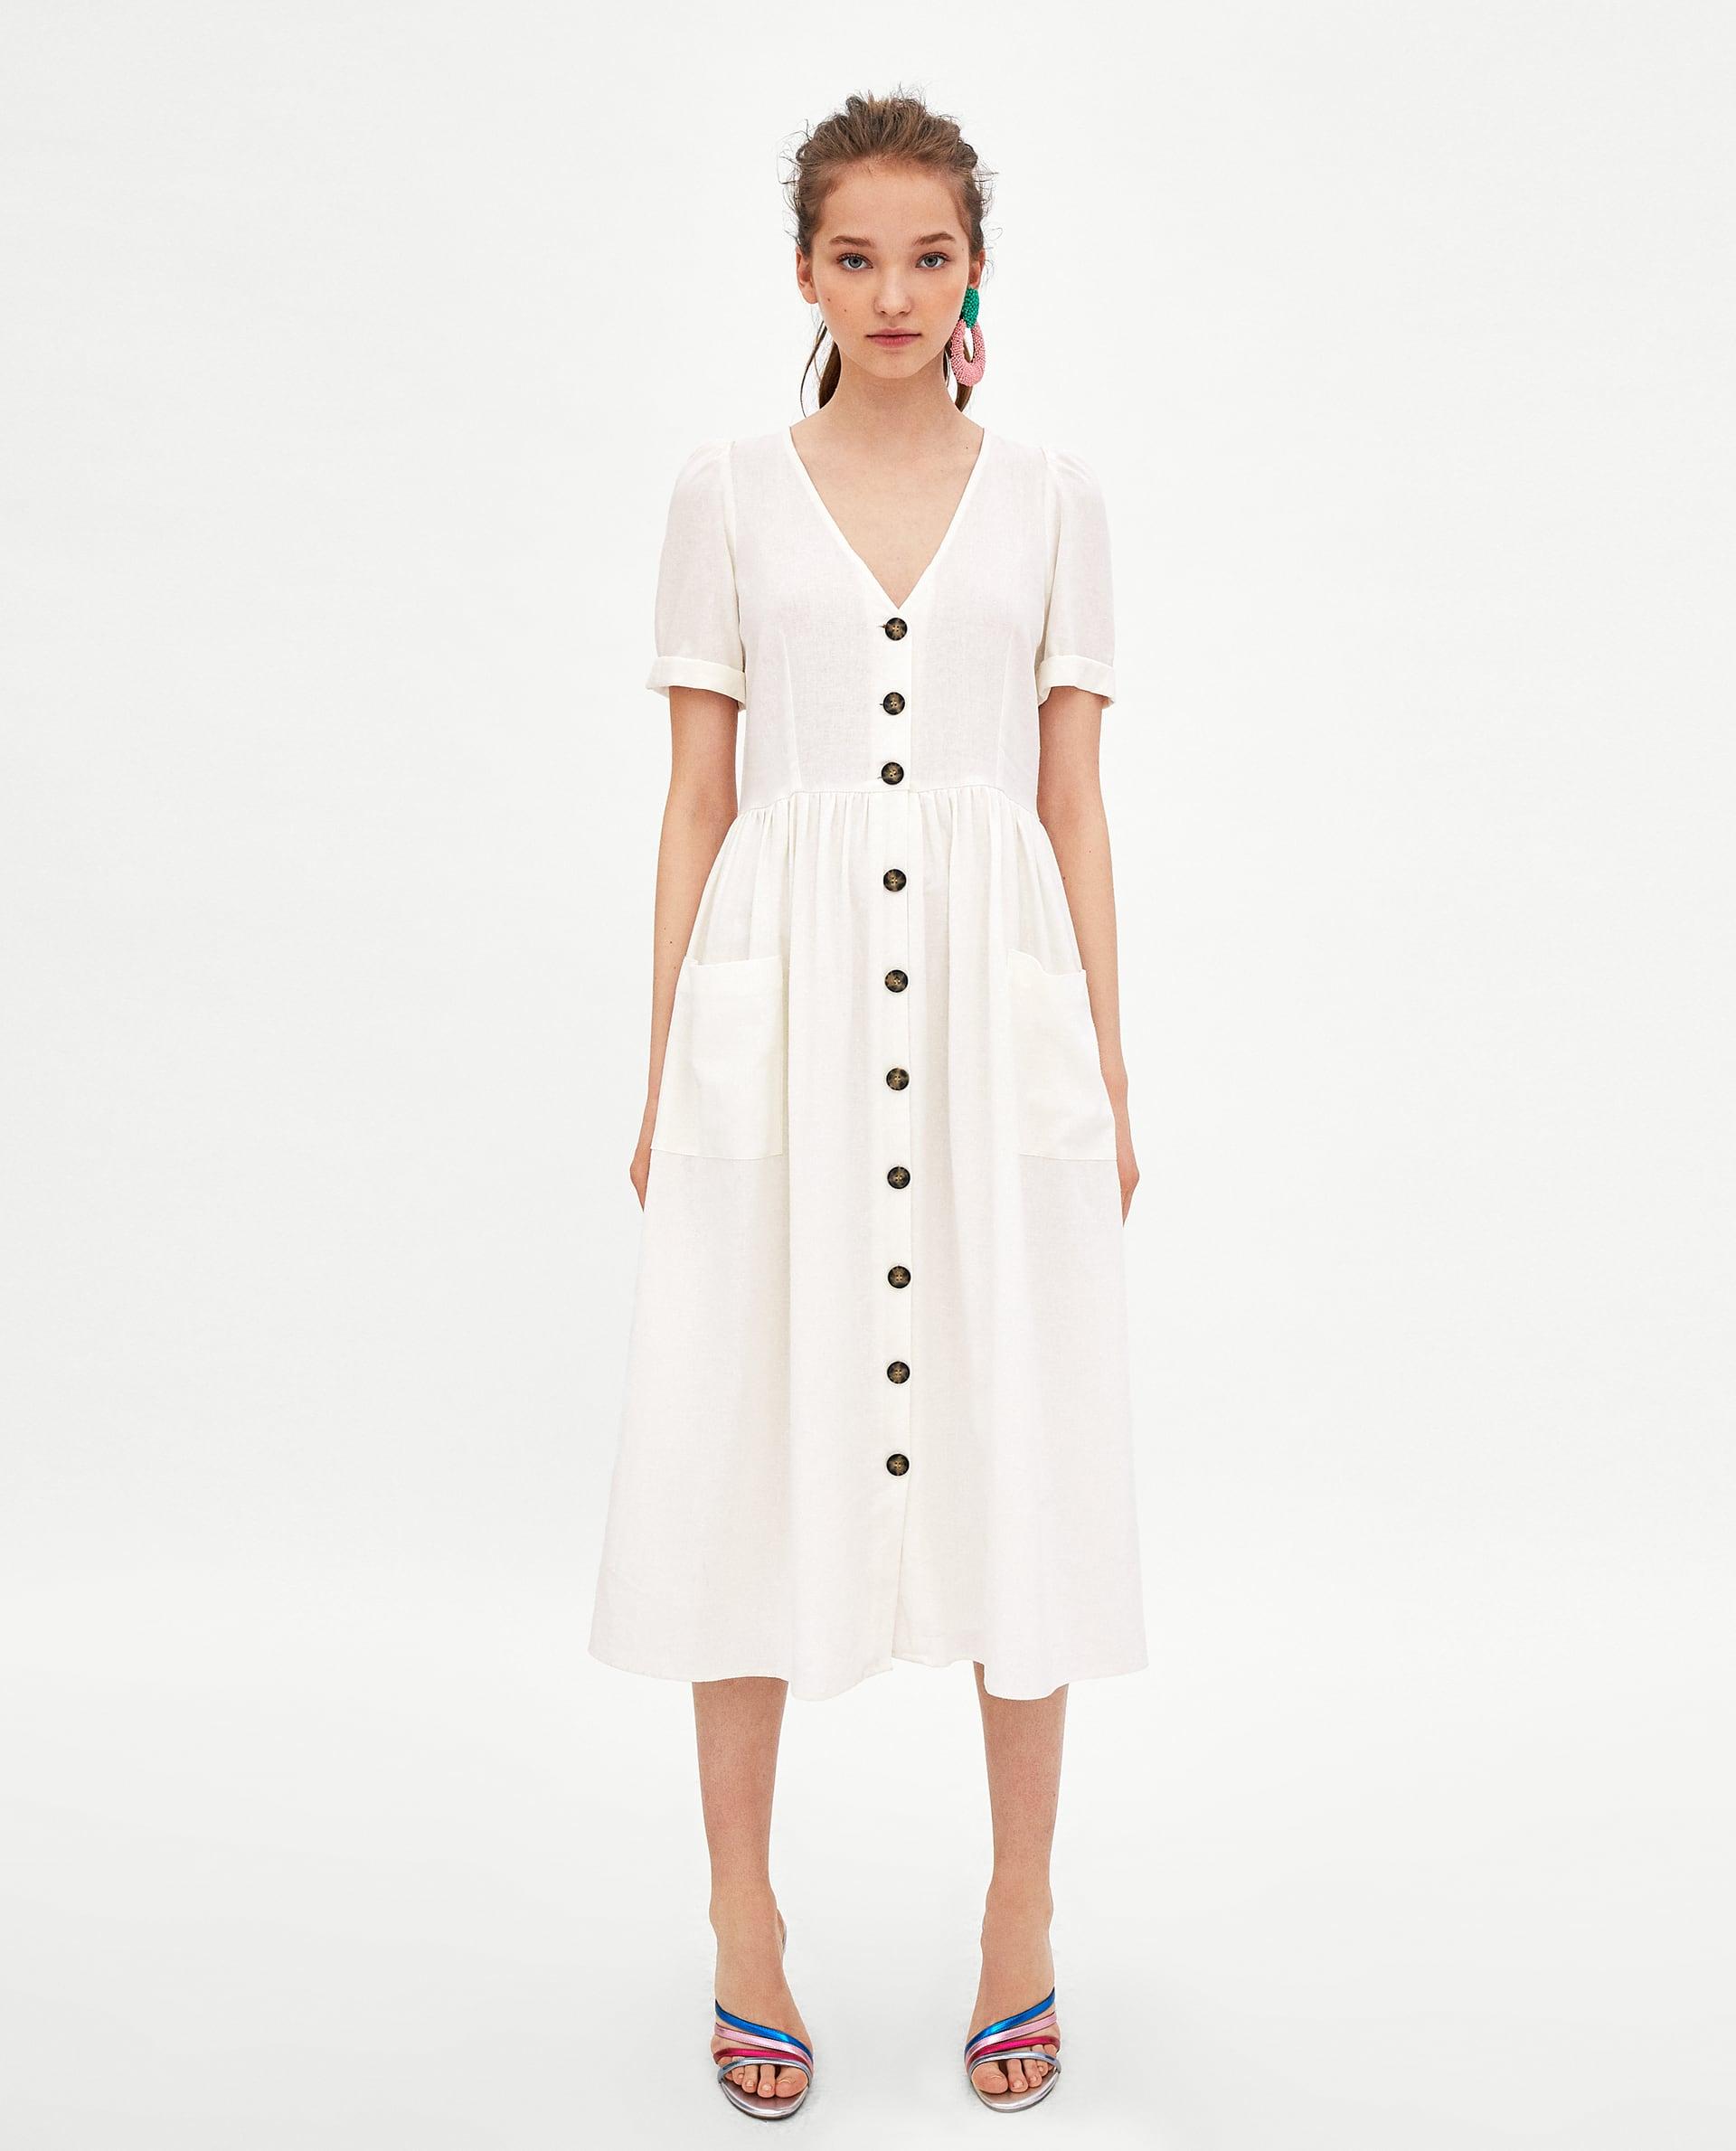 f43bd7c57b313 O novíssimo vestido da Zara que esgotou em 24 horas